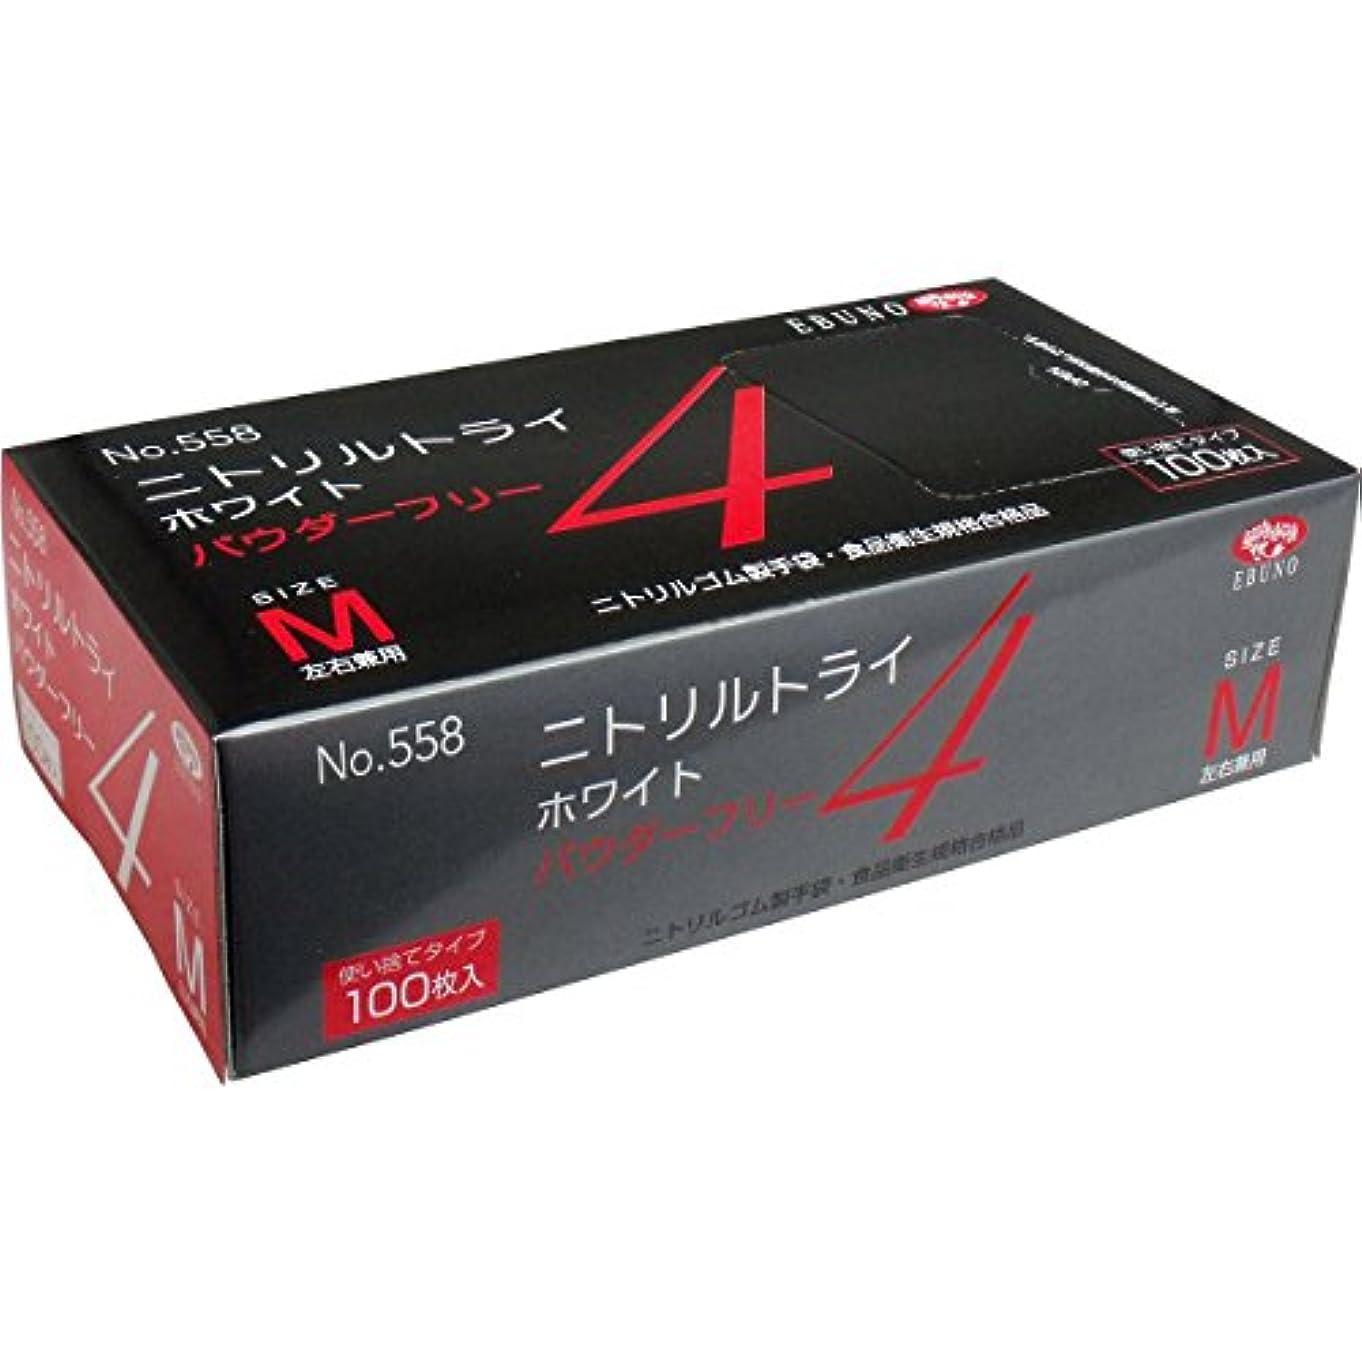 財布用量輸血ニトリルトライ4 手袋 ホワイト パウダーフリー Mサイズ 100枚入(単品)